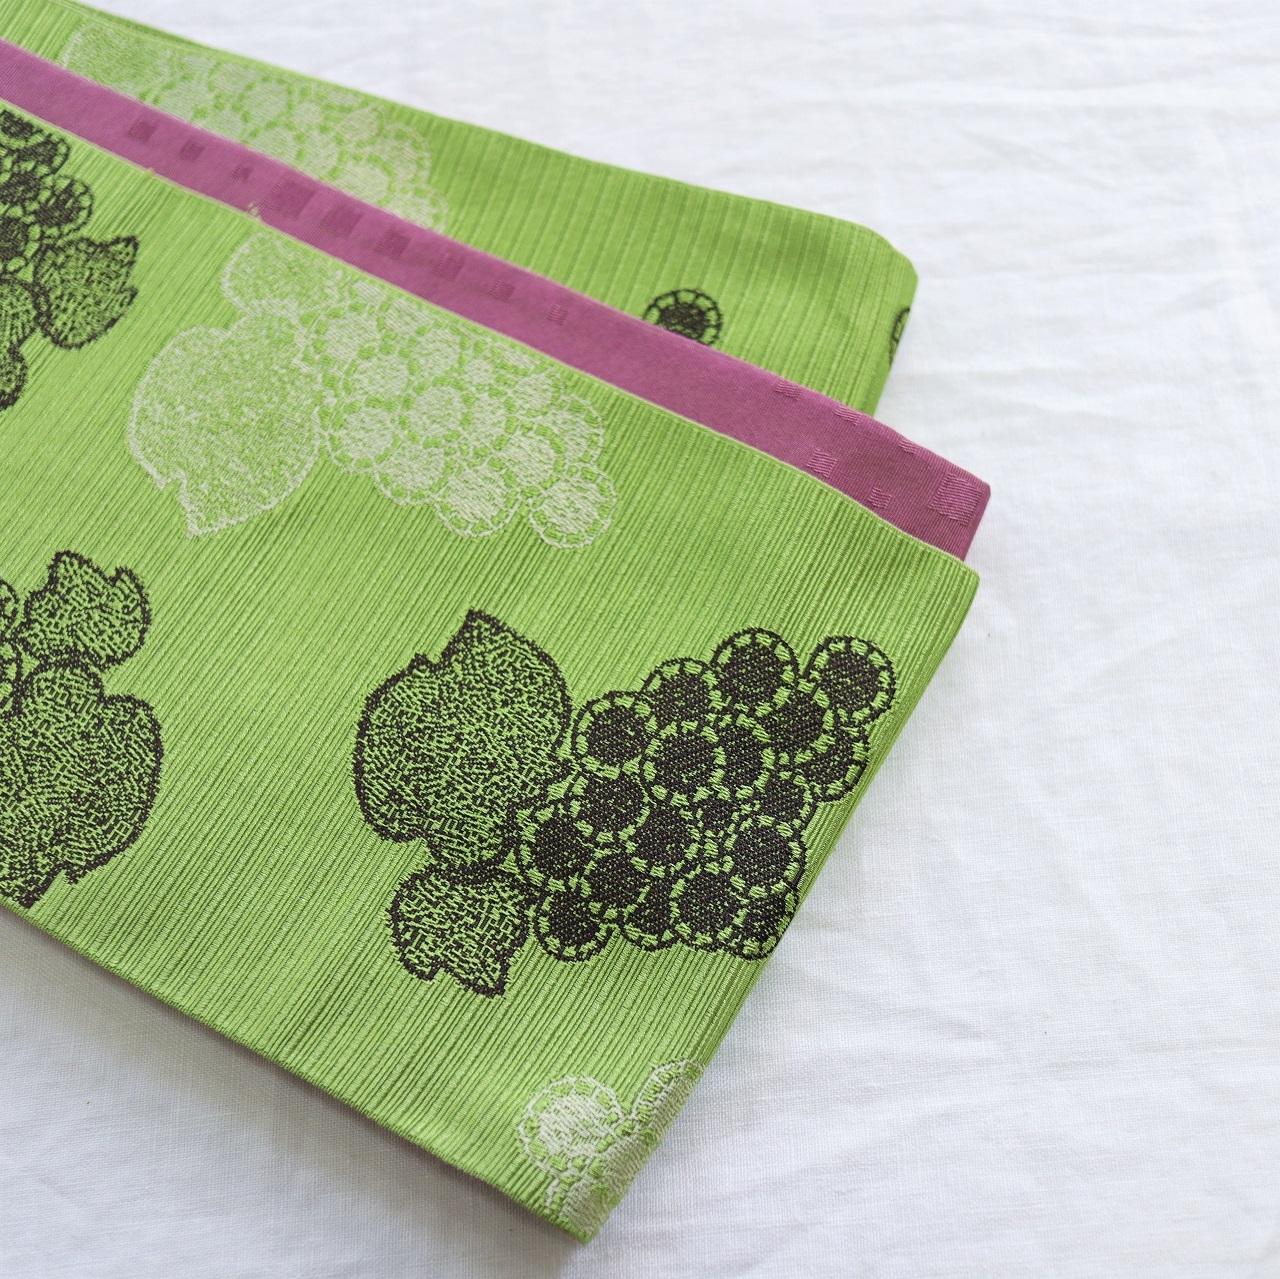 【半巾帯】葡萄 / 黄緑色 ロングサイズ4.4m